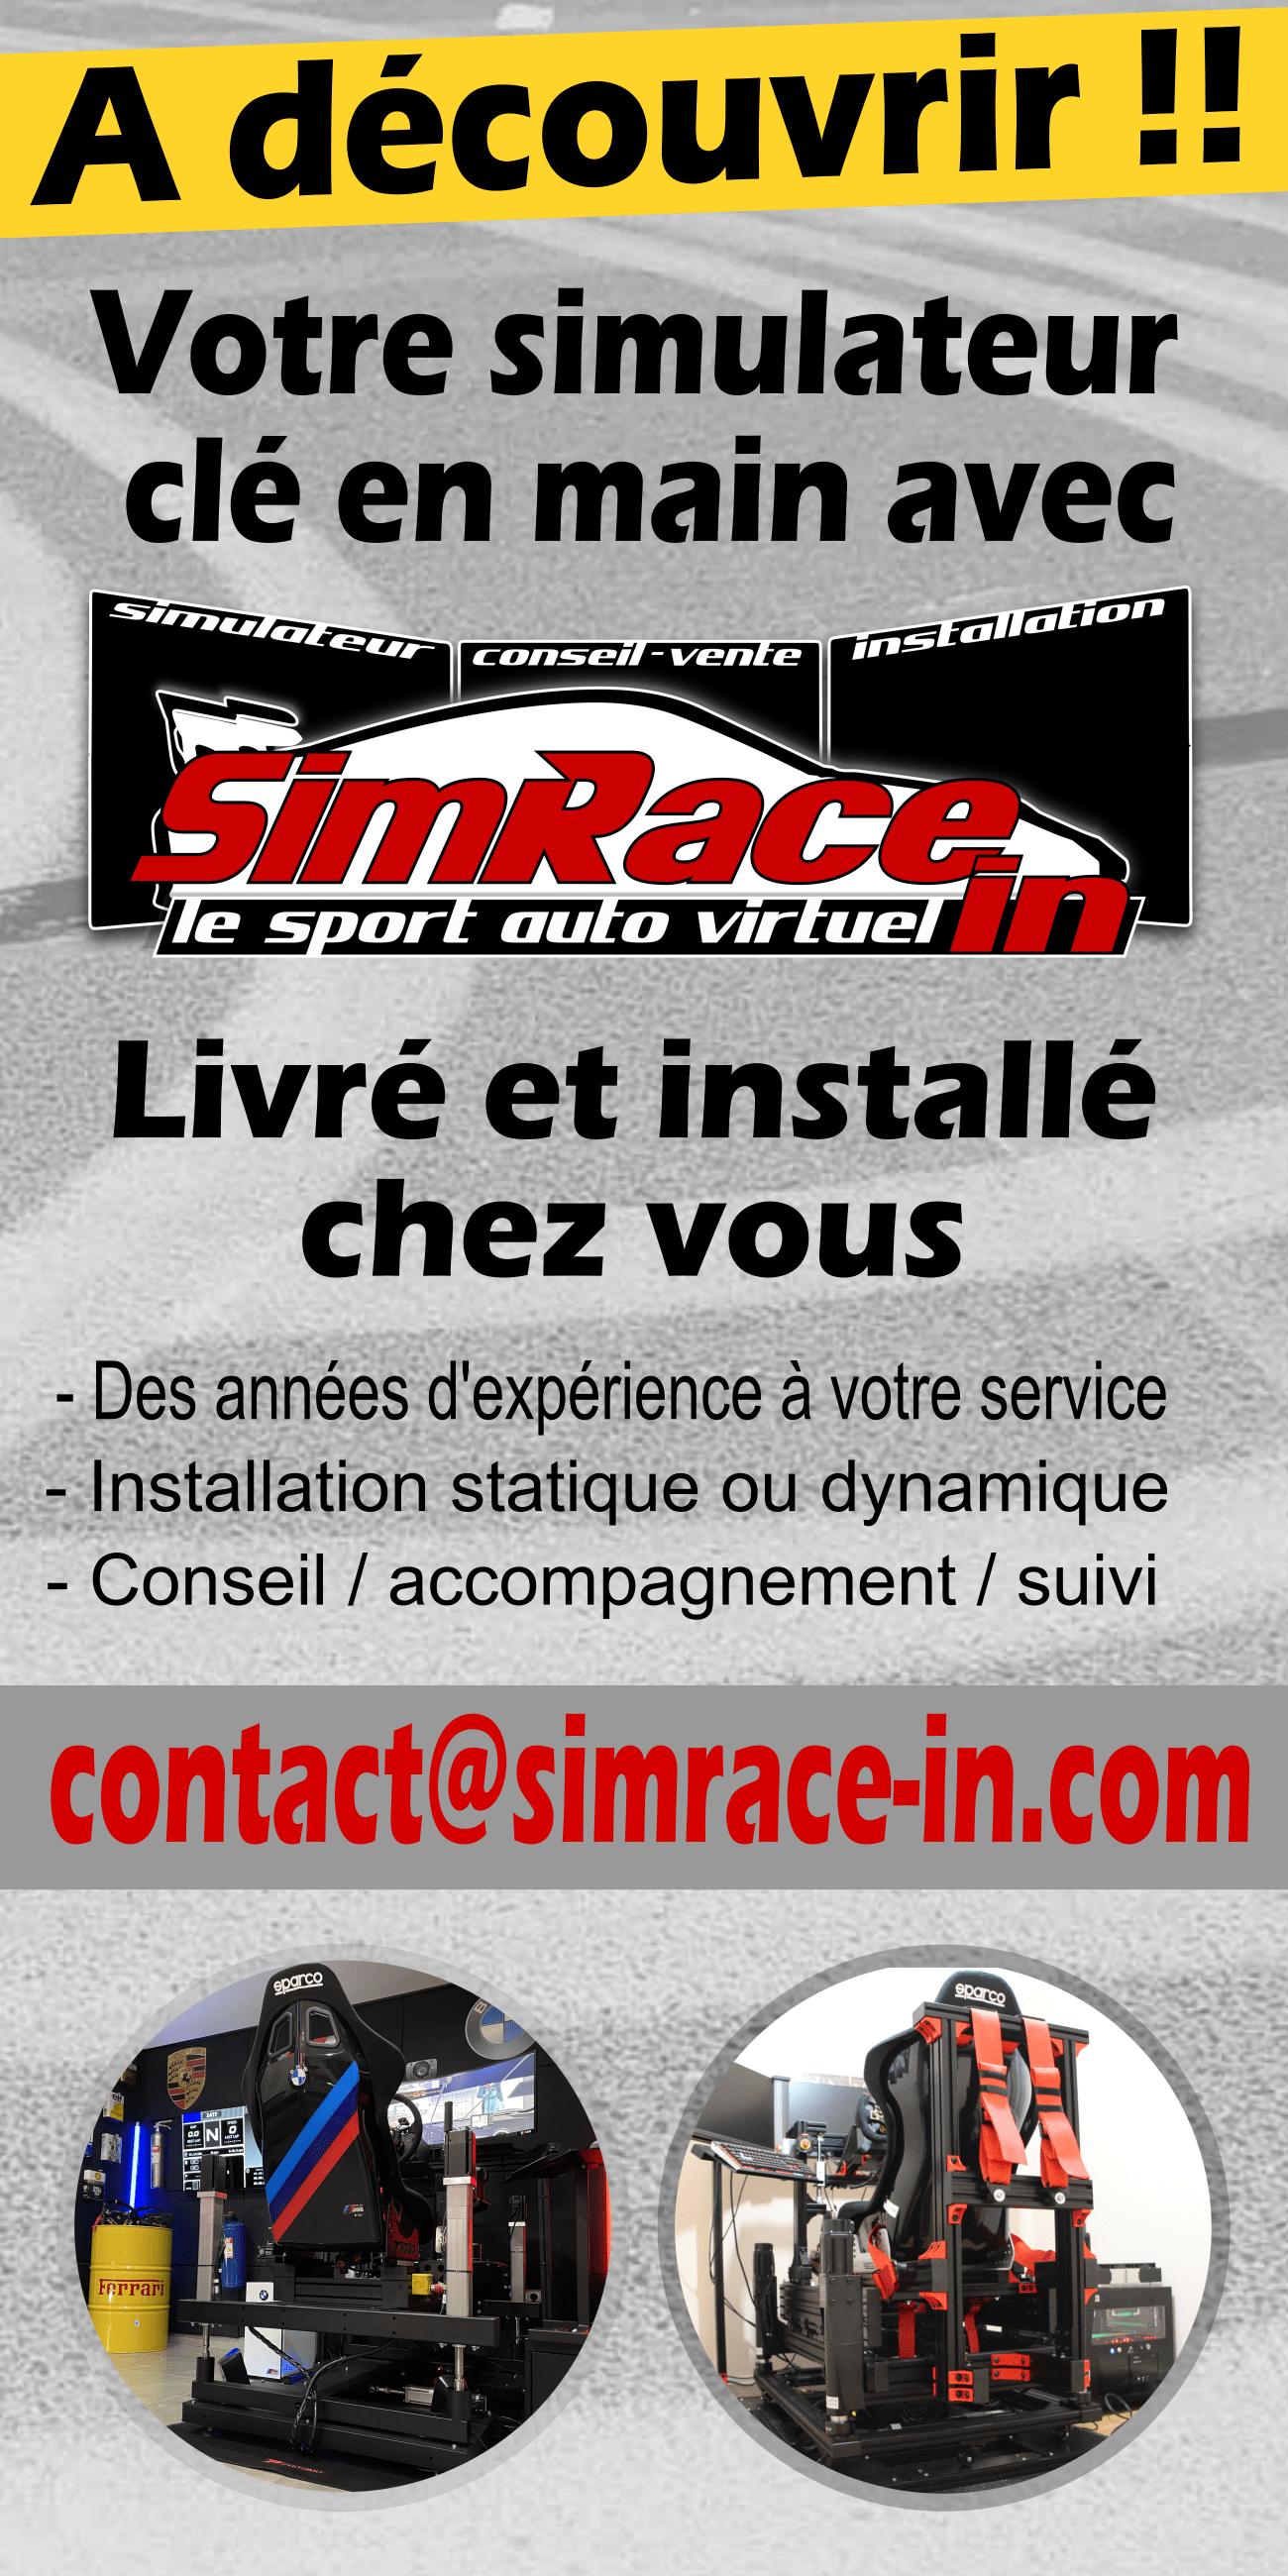 Achetez votre simulateur avec Simrace-In